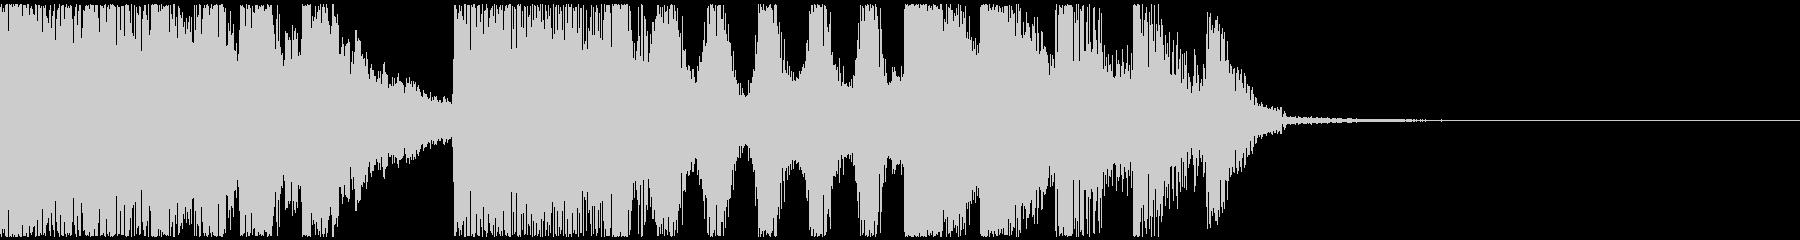 フューチャーベースなファンファーレの未再生の波形